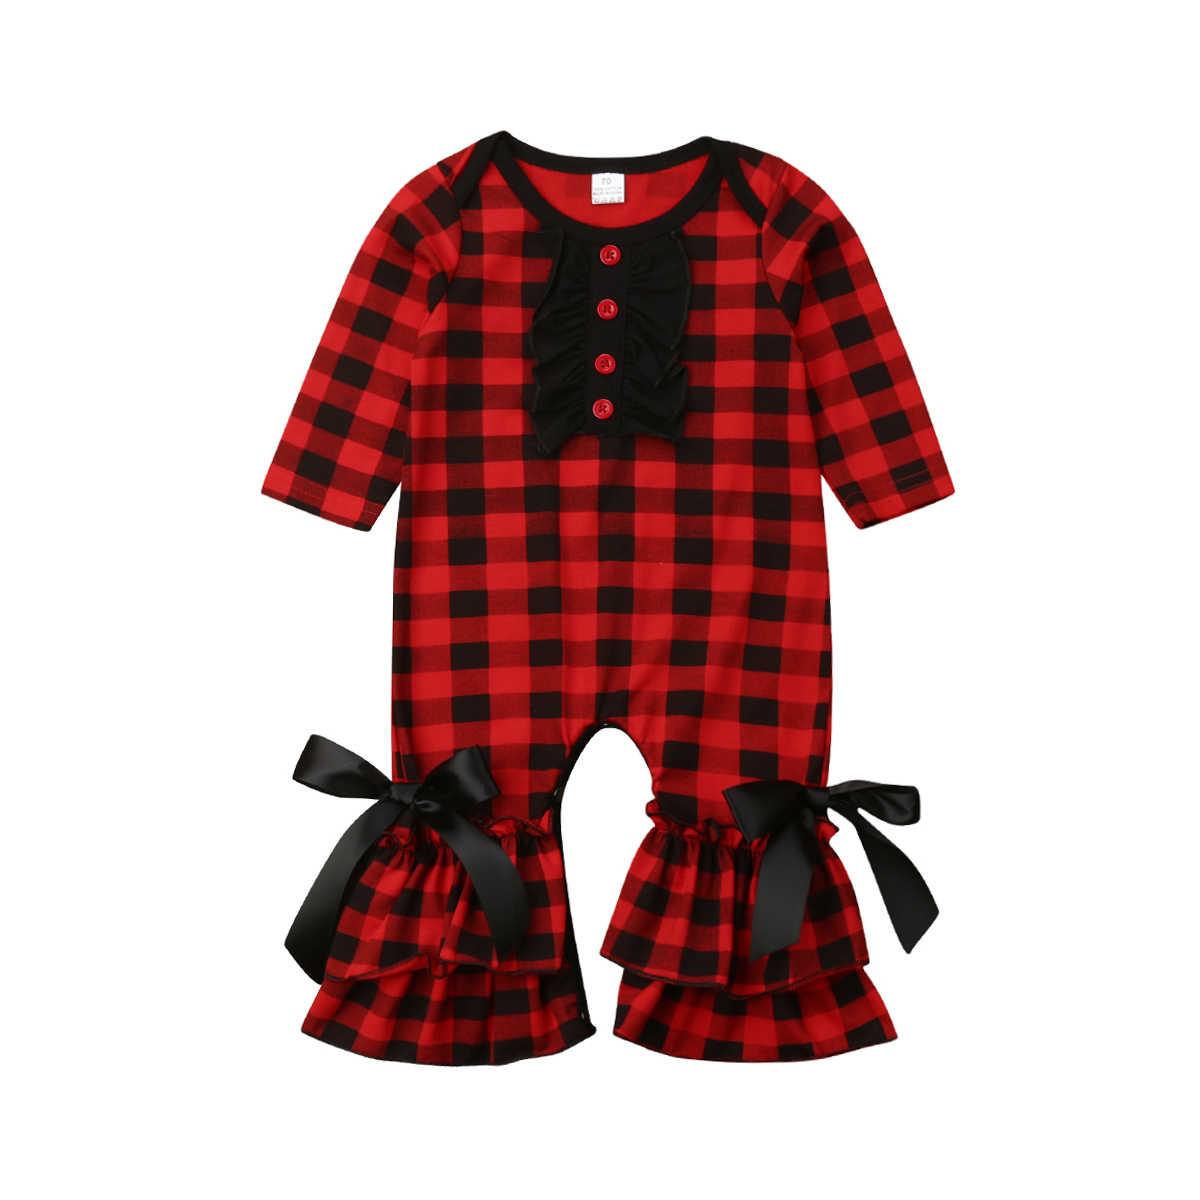 Милый комбинезон с длинными рукавами в красную клетку и оборками для новорожденных девочек; комбинезон с бабочкой; одежда для маленьких девочек